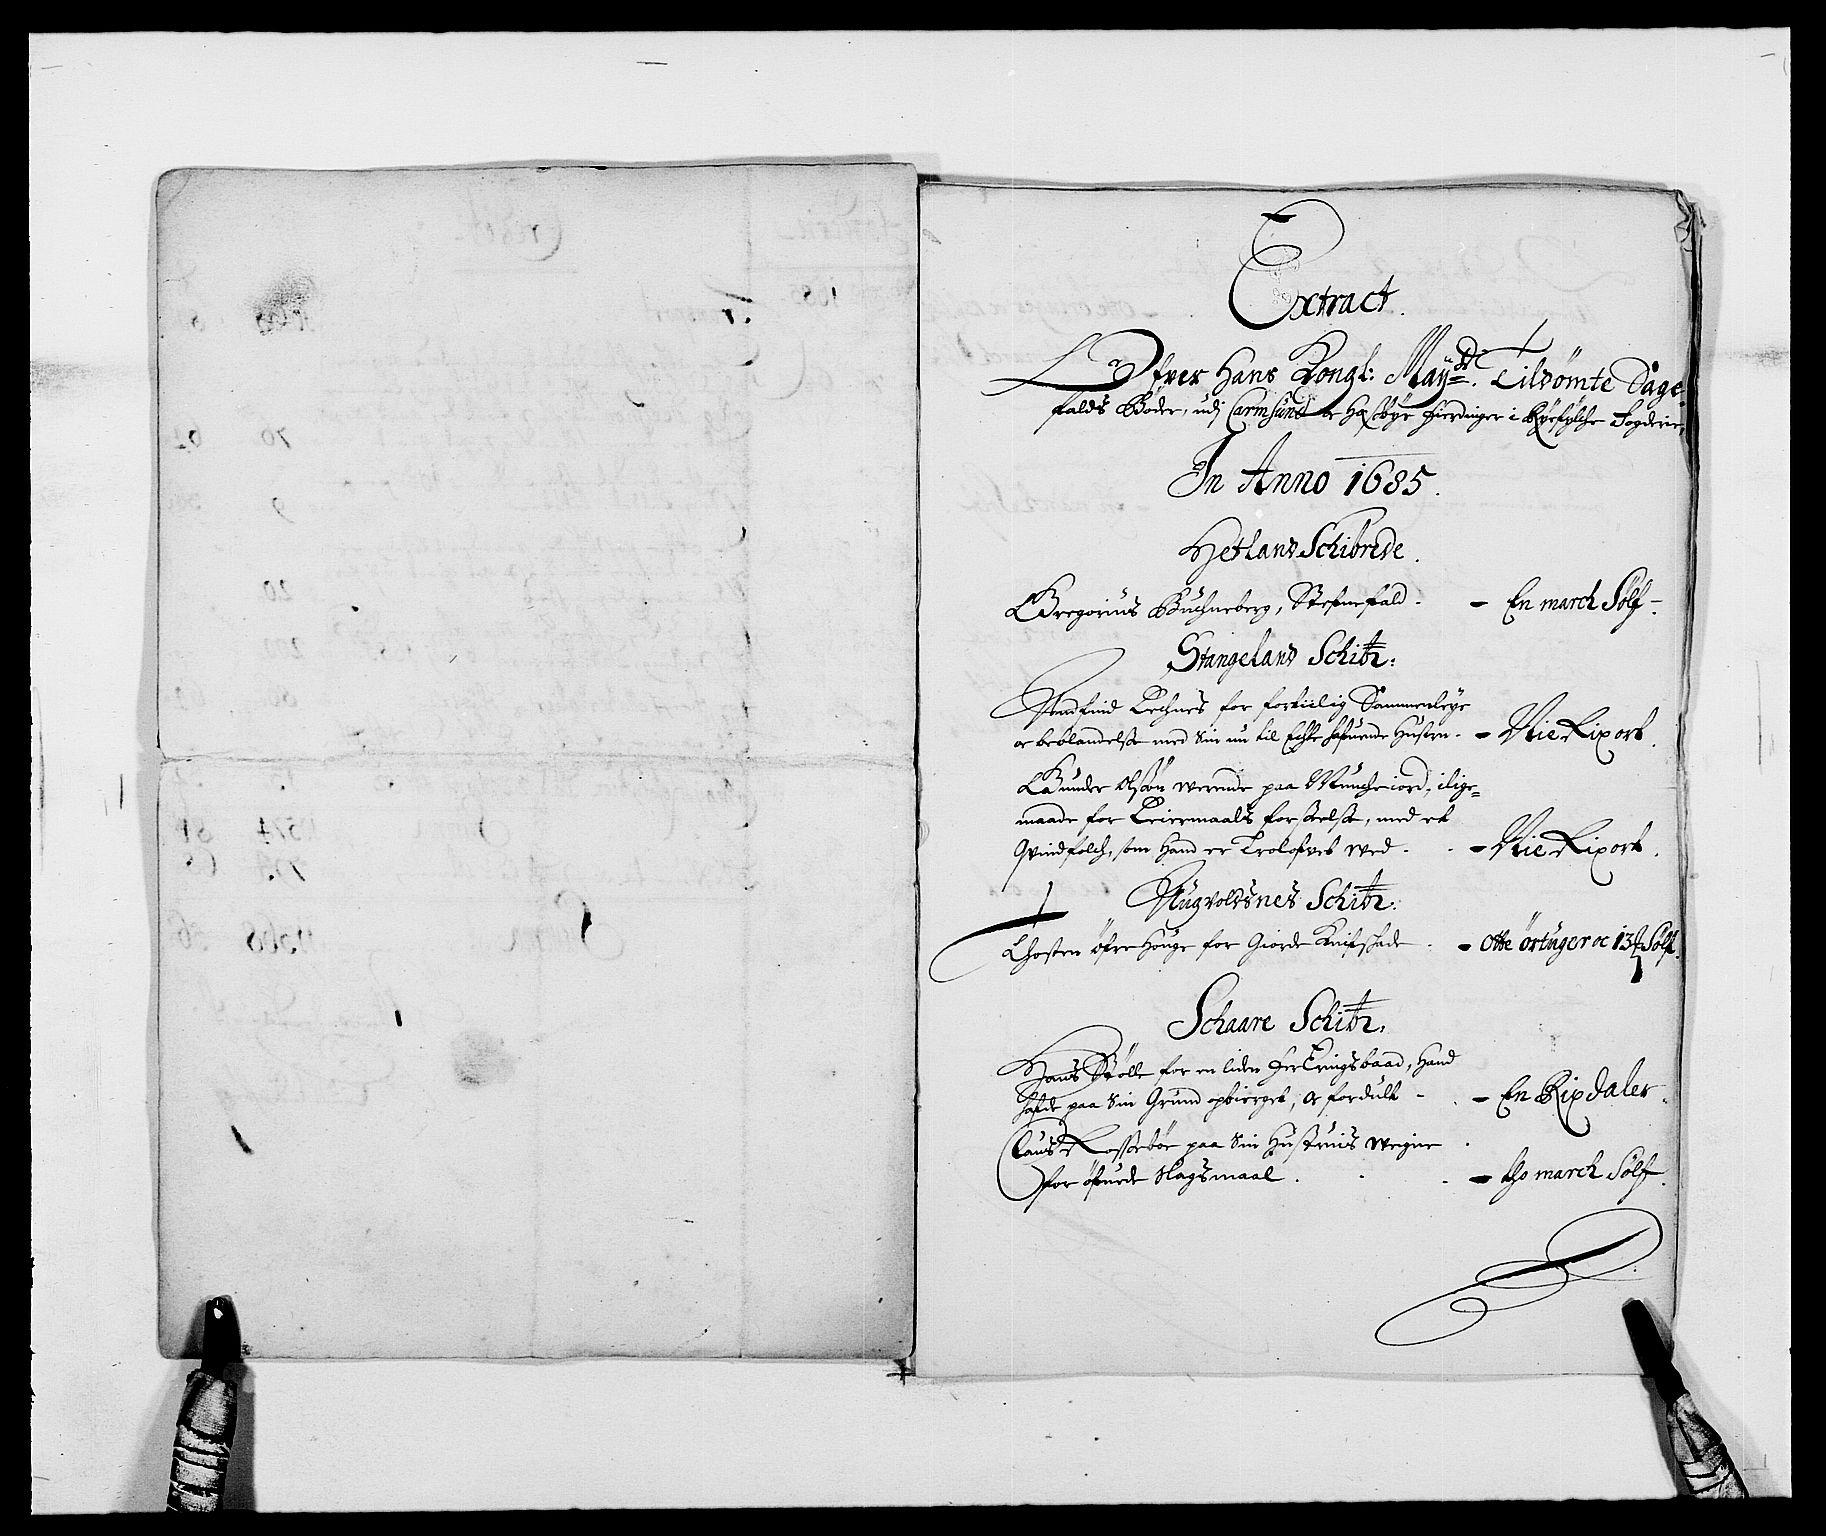 RA, Rentekammeret inntil 1814, Reviderte regnskaper, Fogderegnskap, R47/L2855: Fogderegnskap Ryfylke, 1685-1688, s. 6